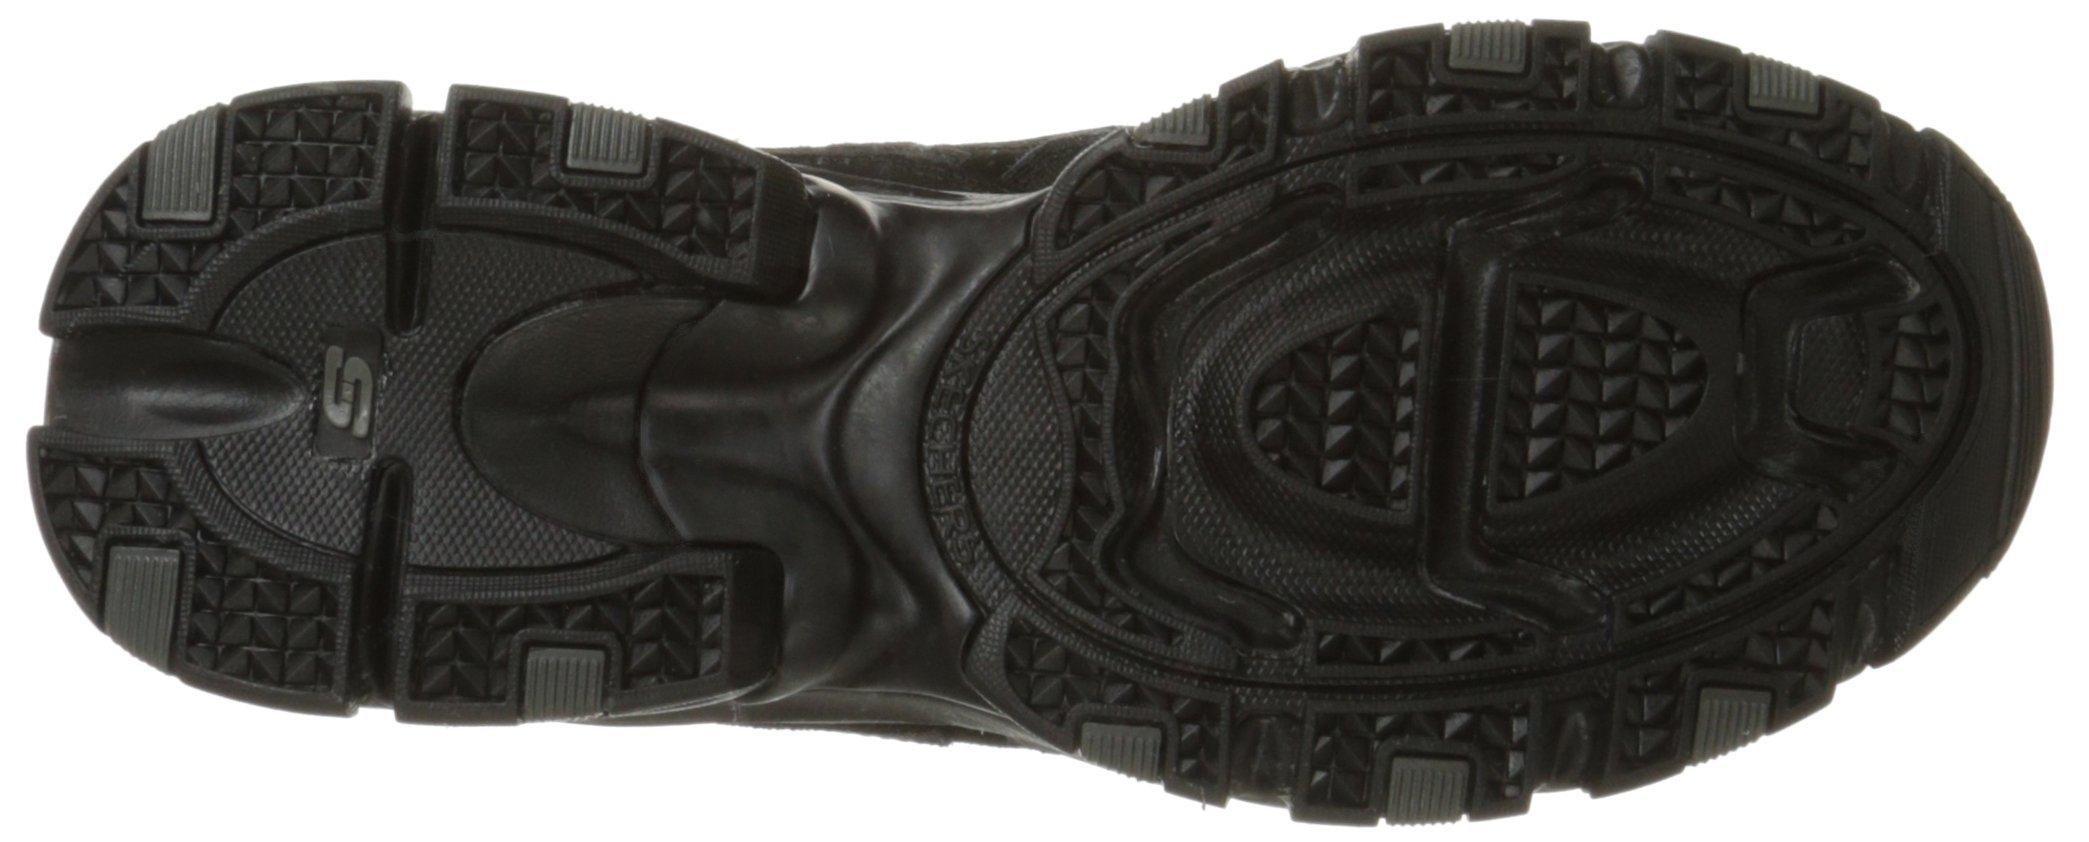 Skechers Sport Men's Vigor 2.0 Trait Memory Foam Sneaker, Black, 12 M US by Skechers (Image #3)